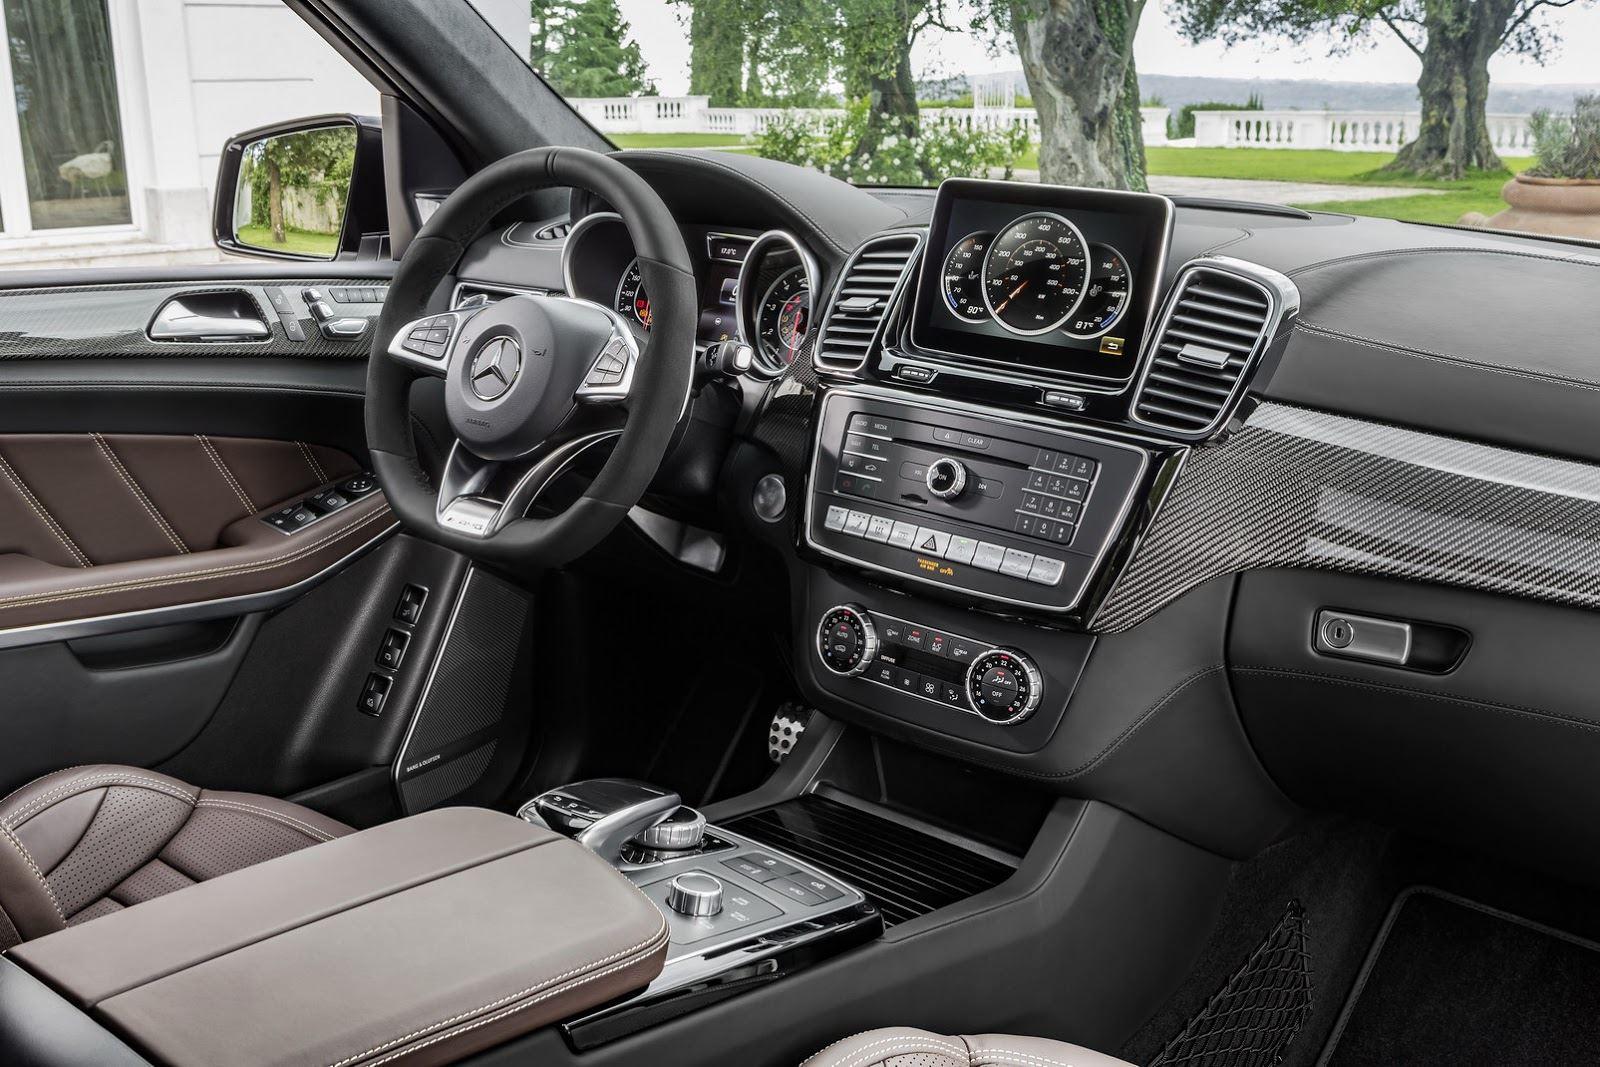 التصميم الداخلي للسيارة مرسيدس جي ال اس 2016